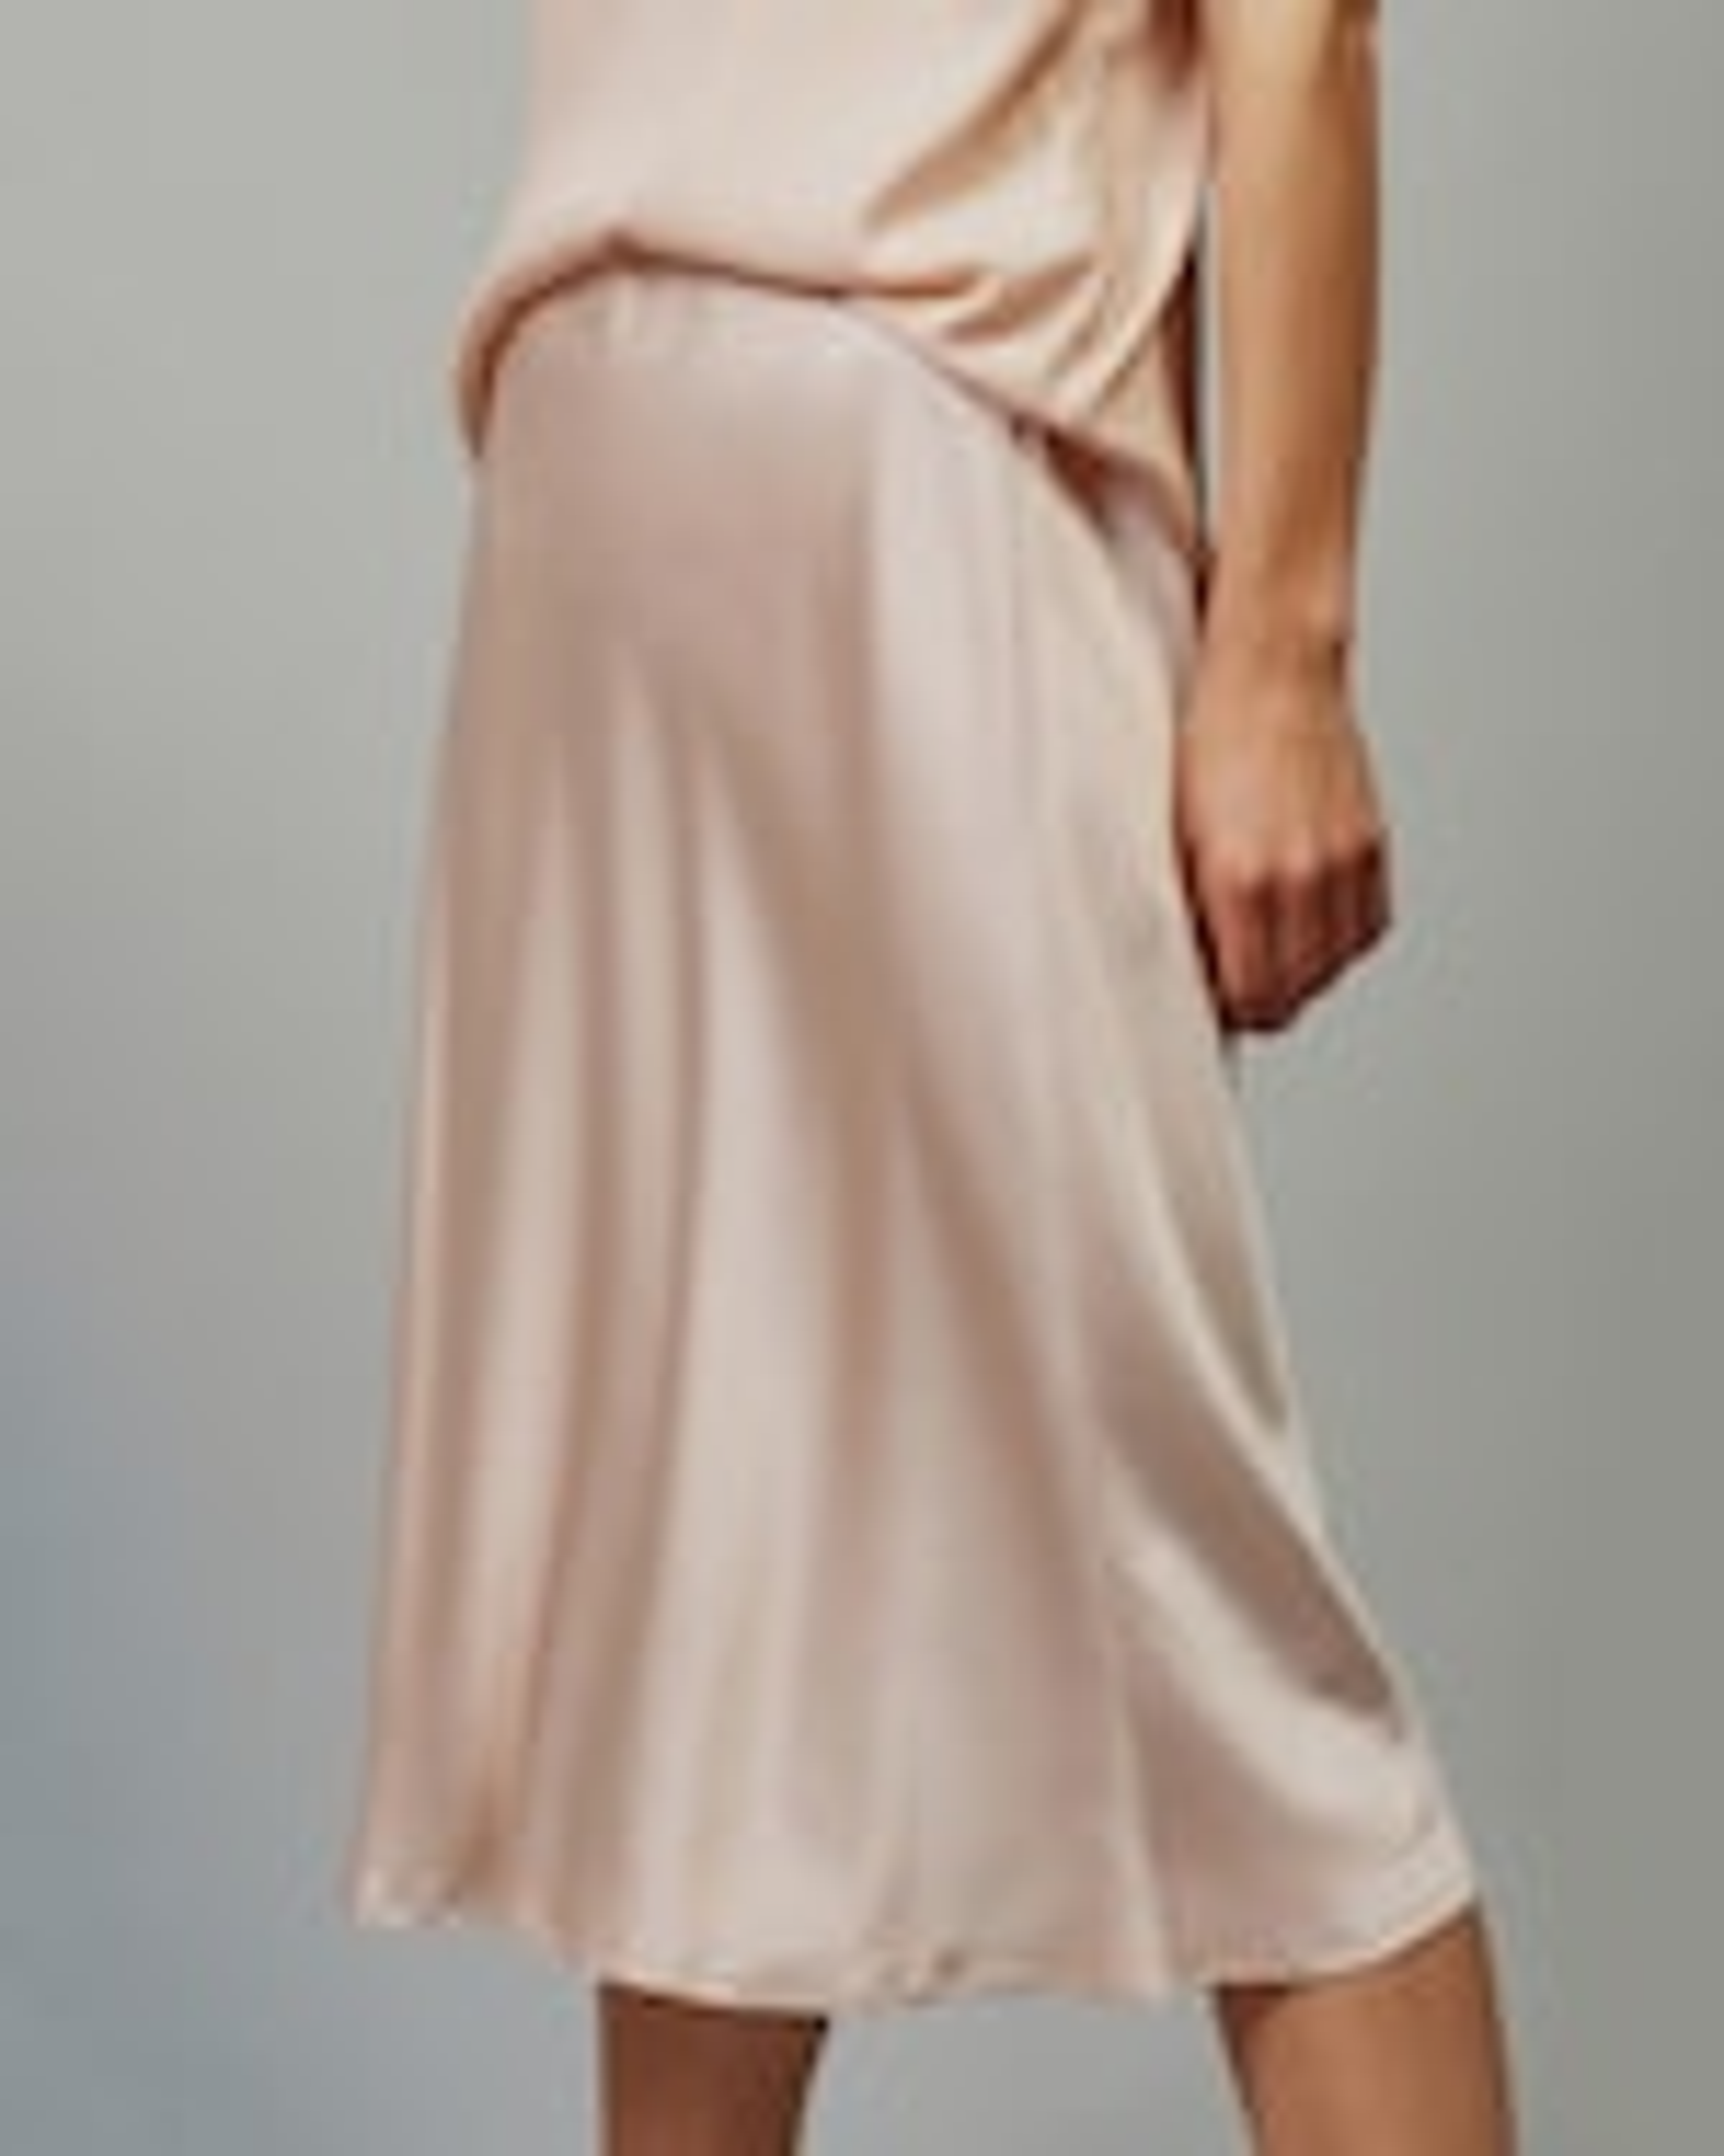 AqC Robbi Slip Skirt 5